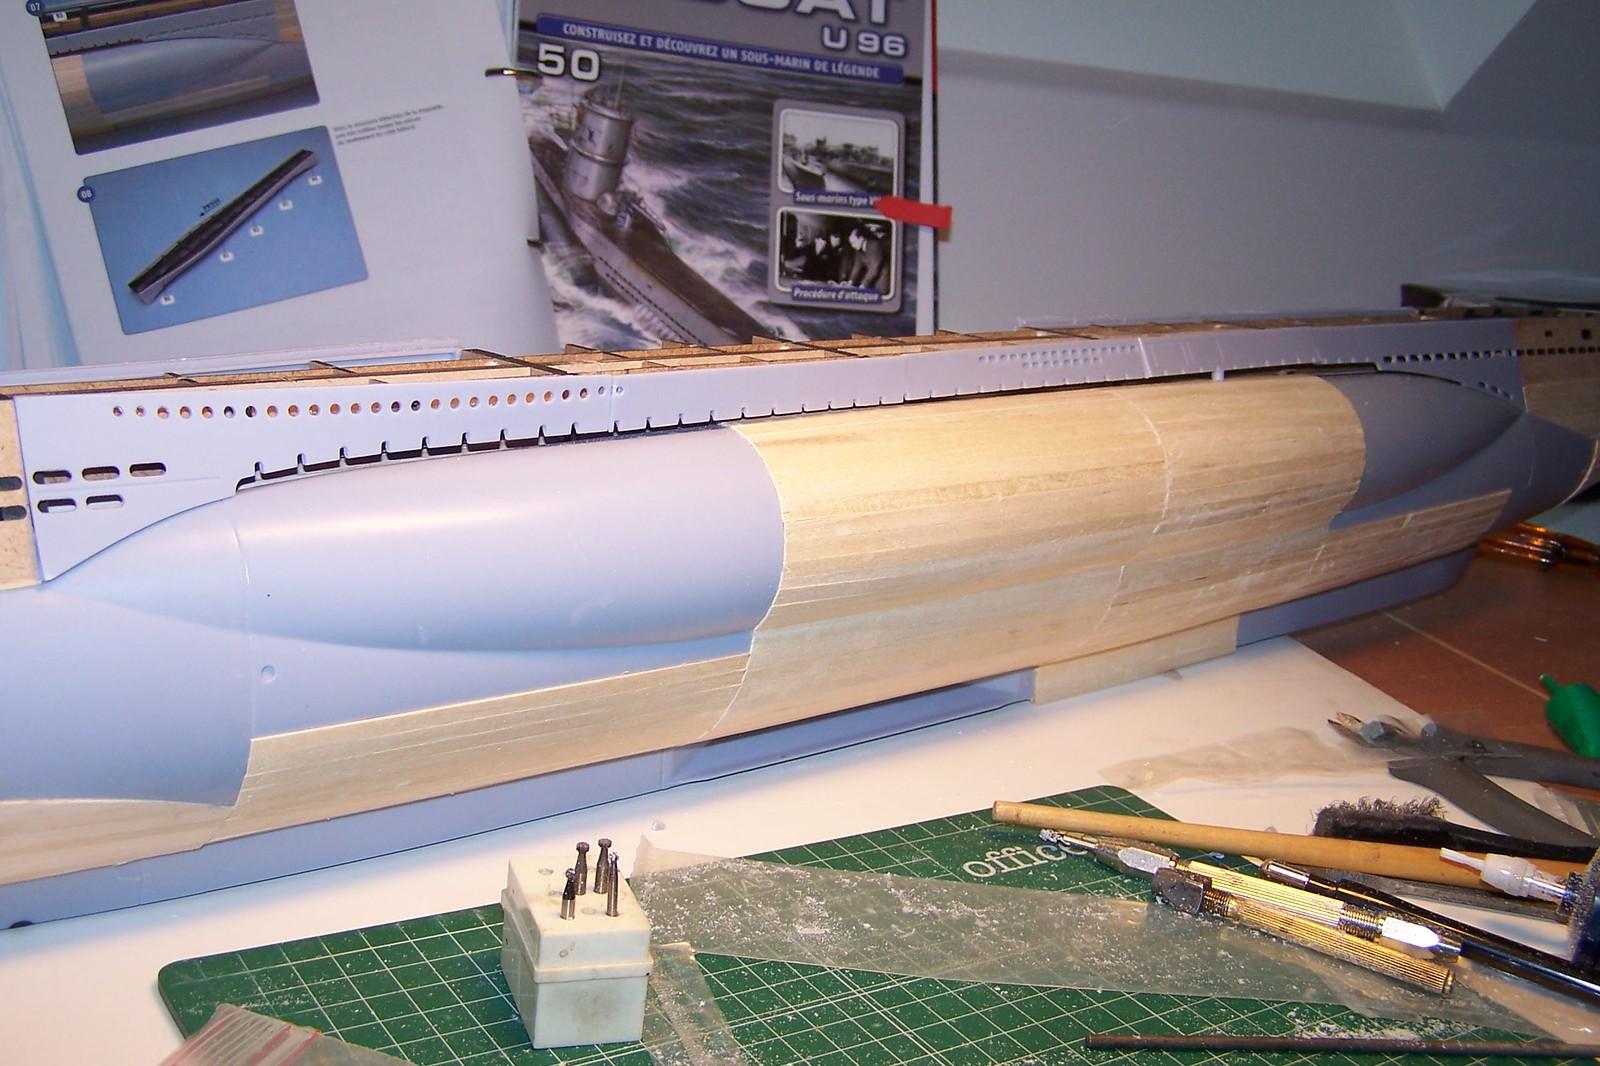 U-96 Hachette/Amati - Page 2 27919253154_582cac3cd3_h